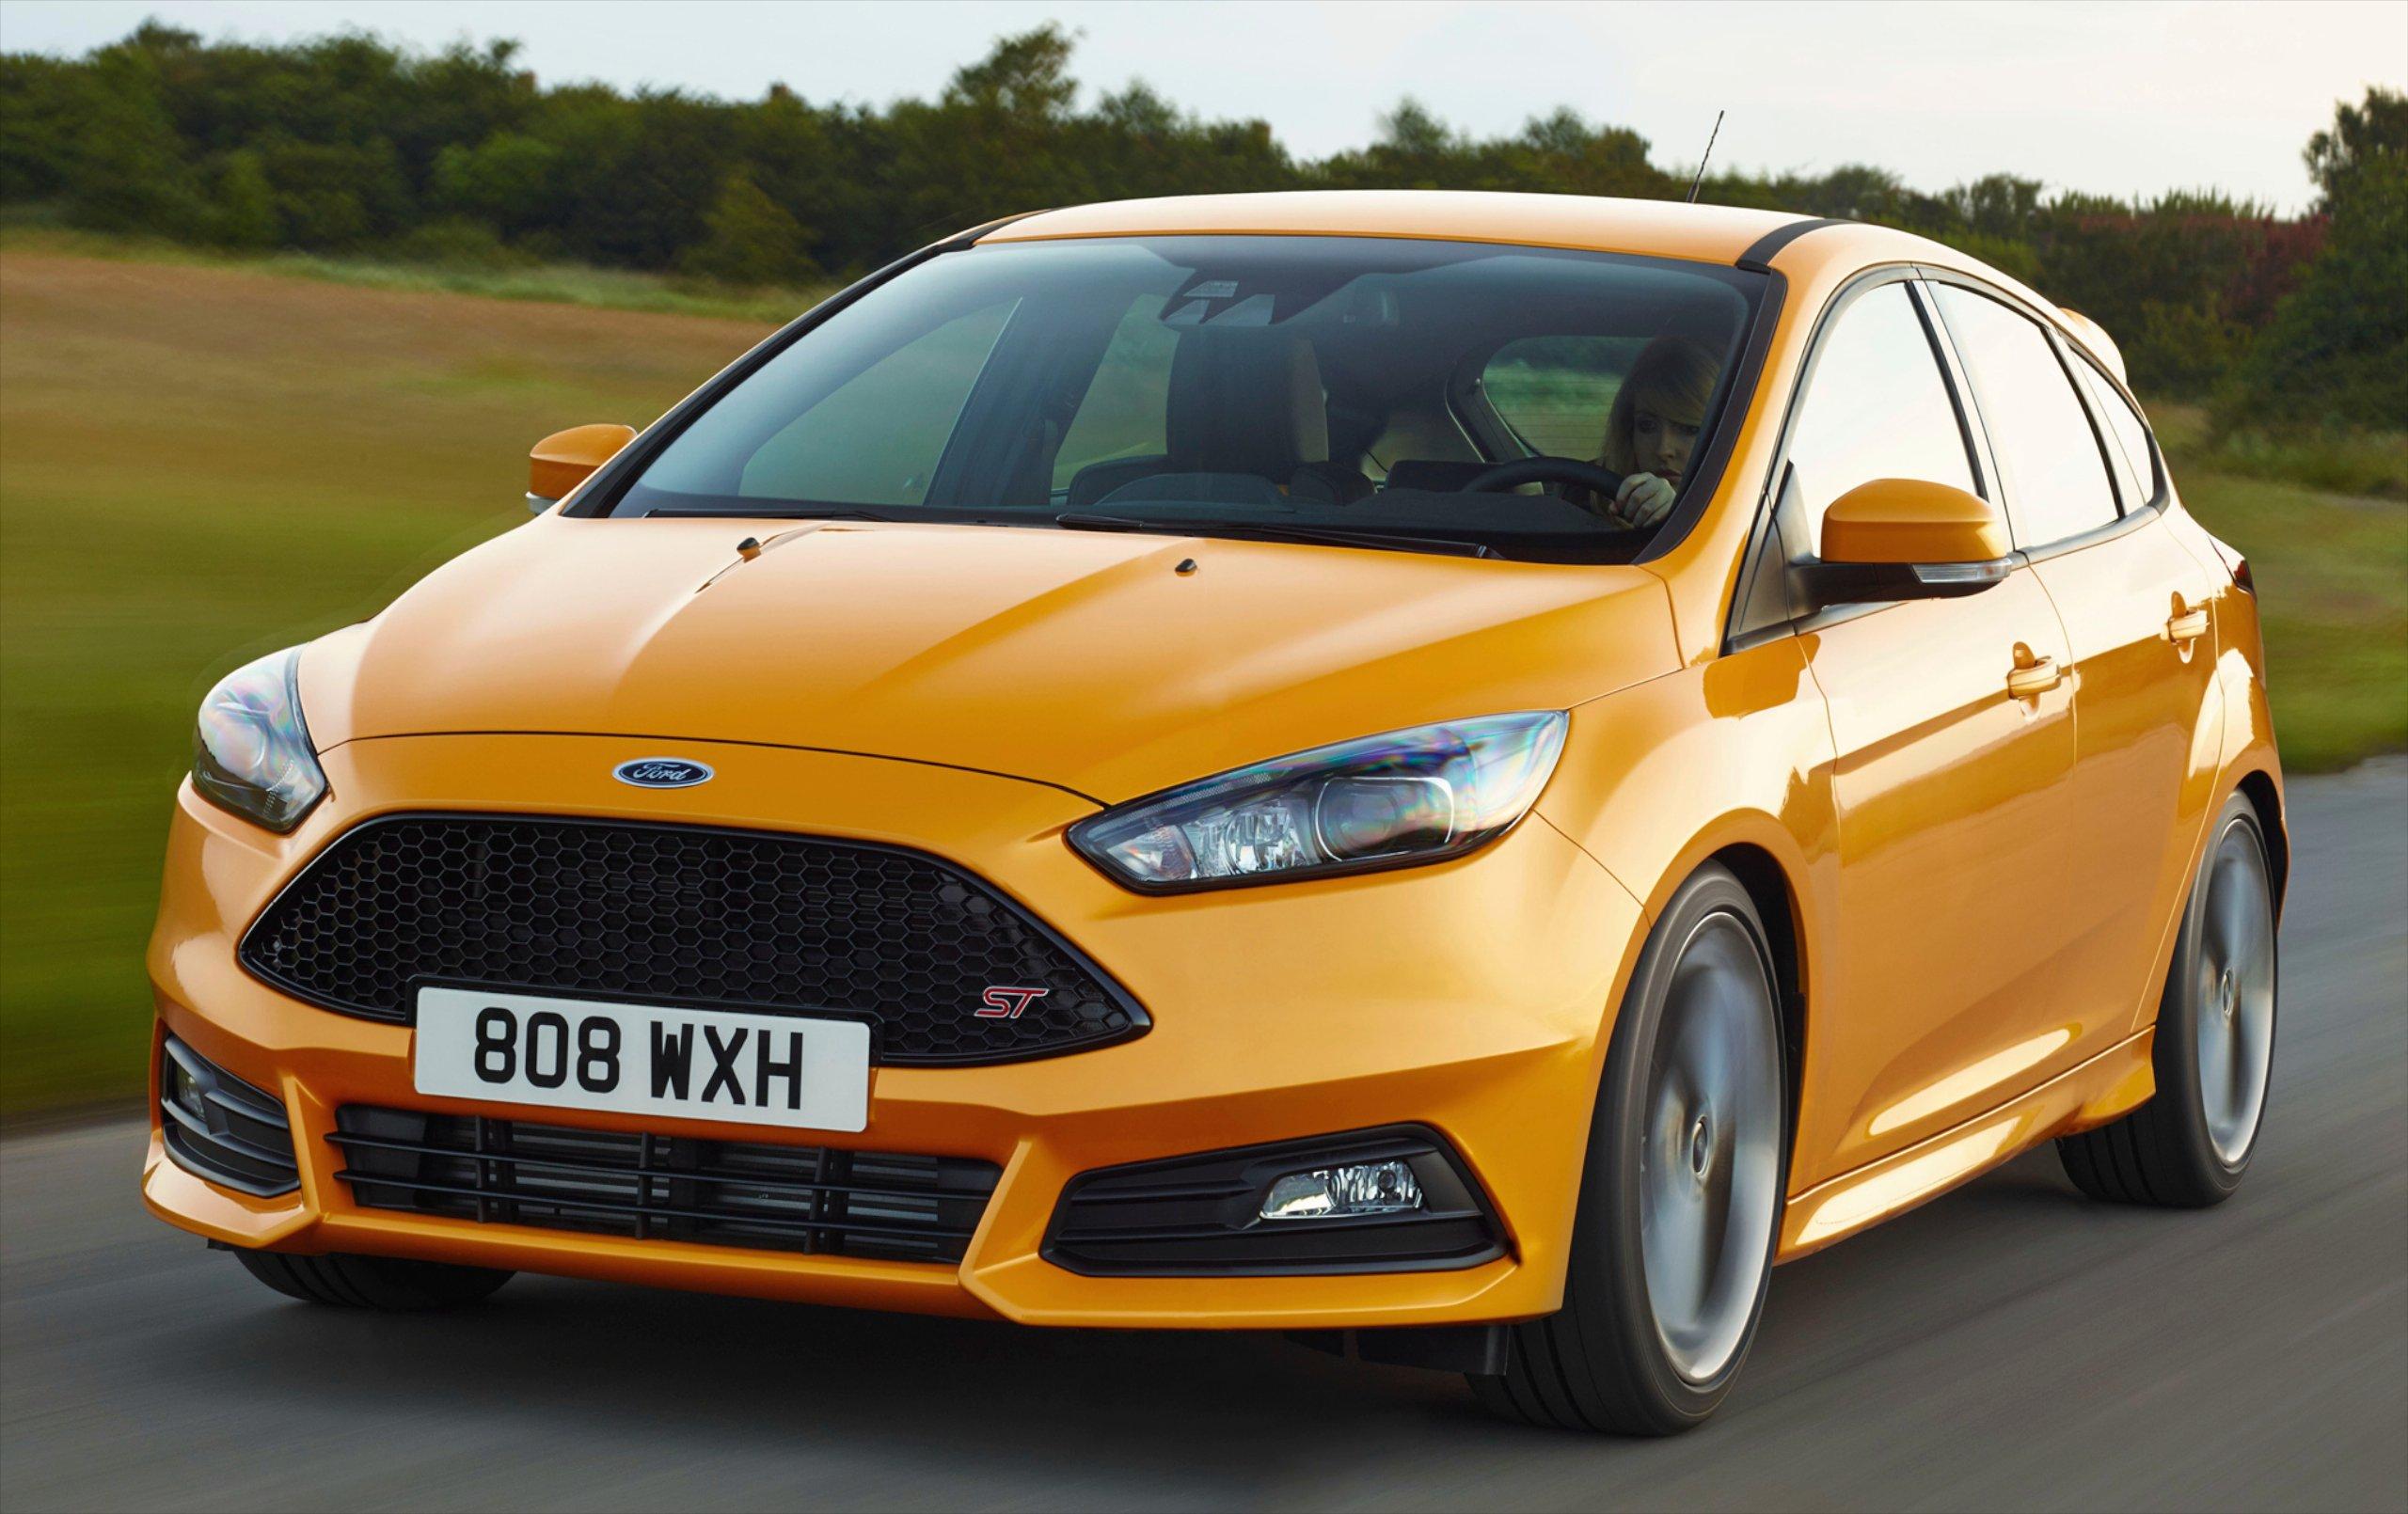 C346 Ford Focus St Facelift Now In Petrol And Diesel Paultan Org